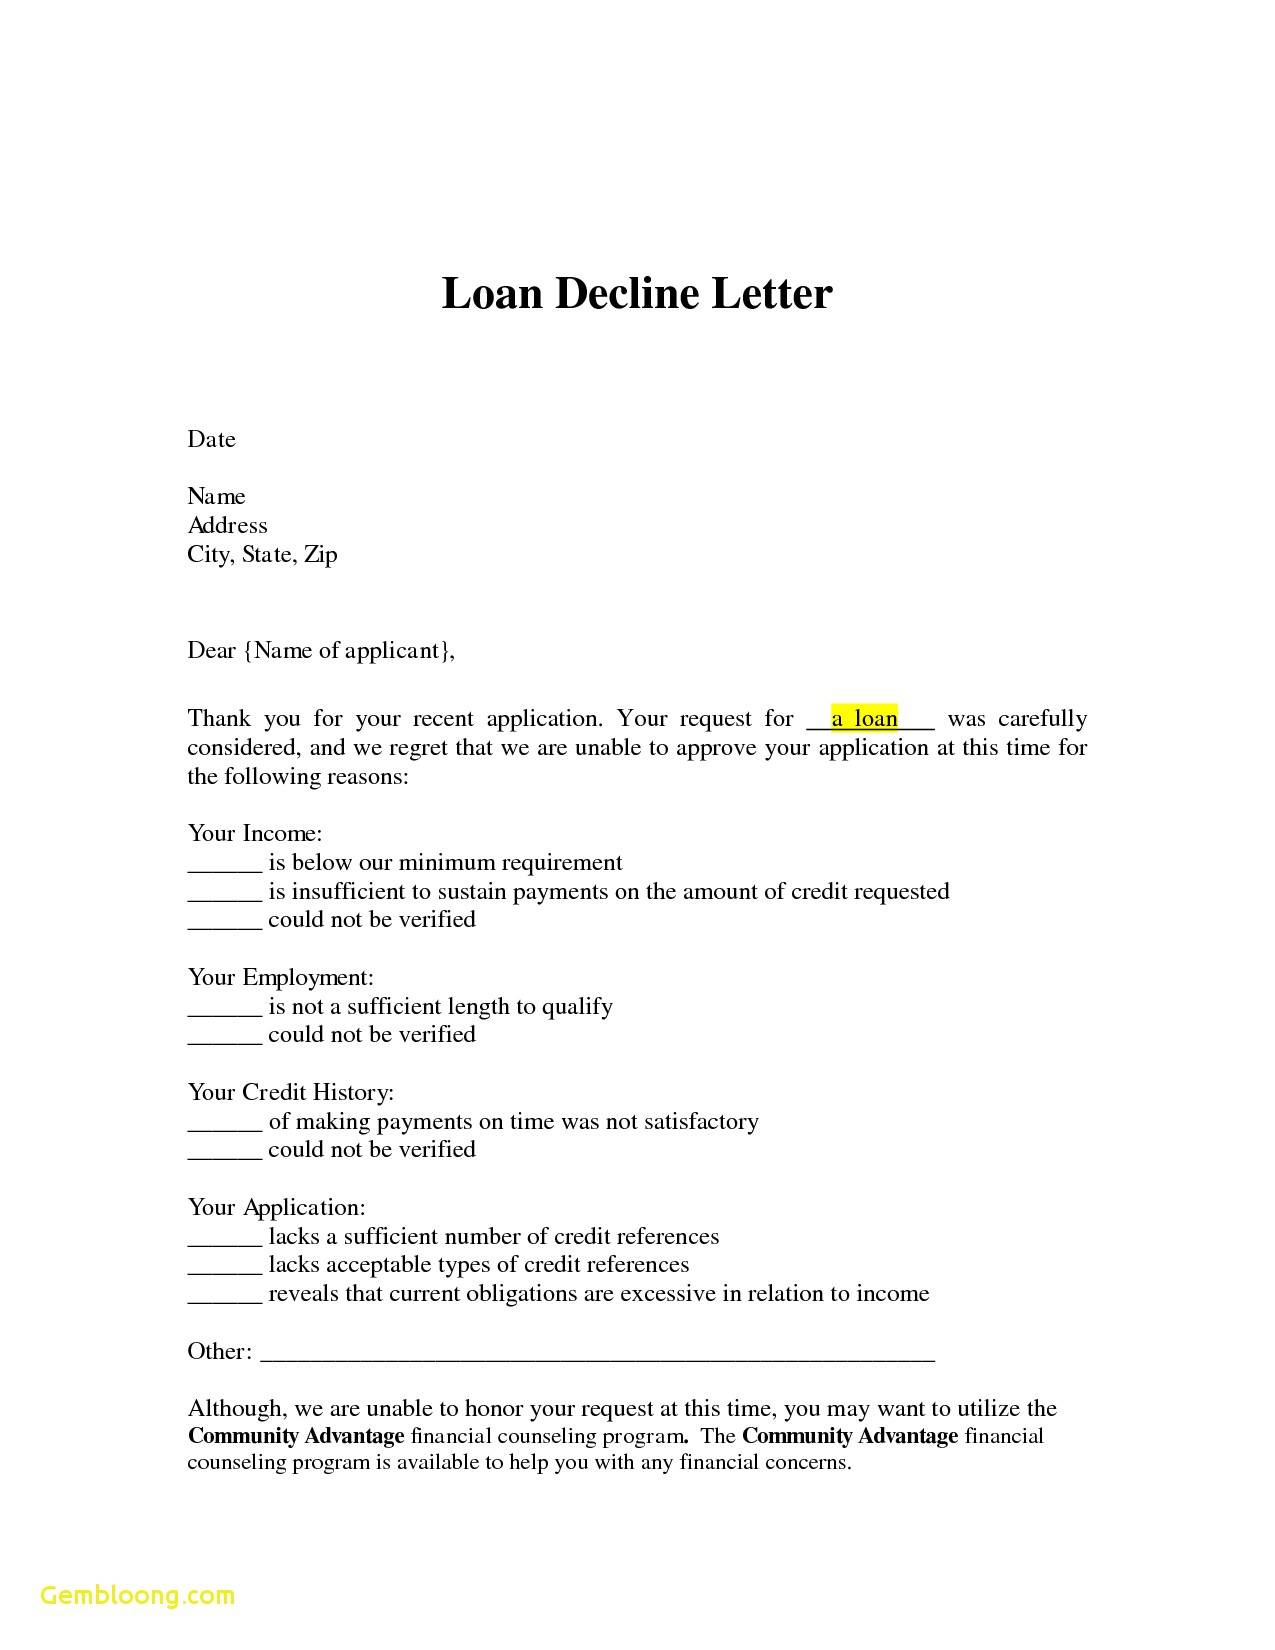 Loan Denial Letter Template